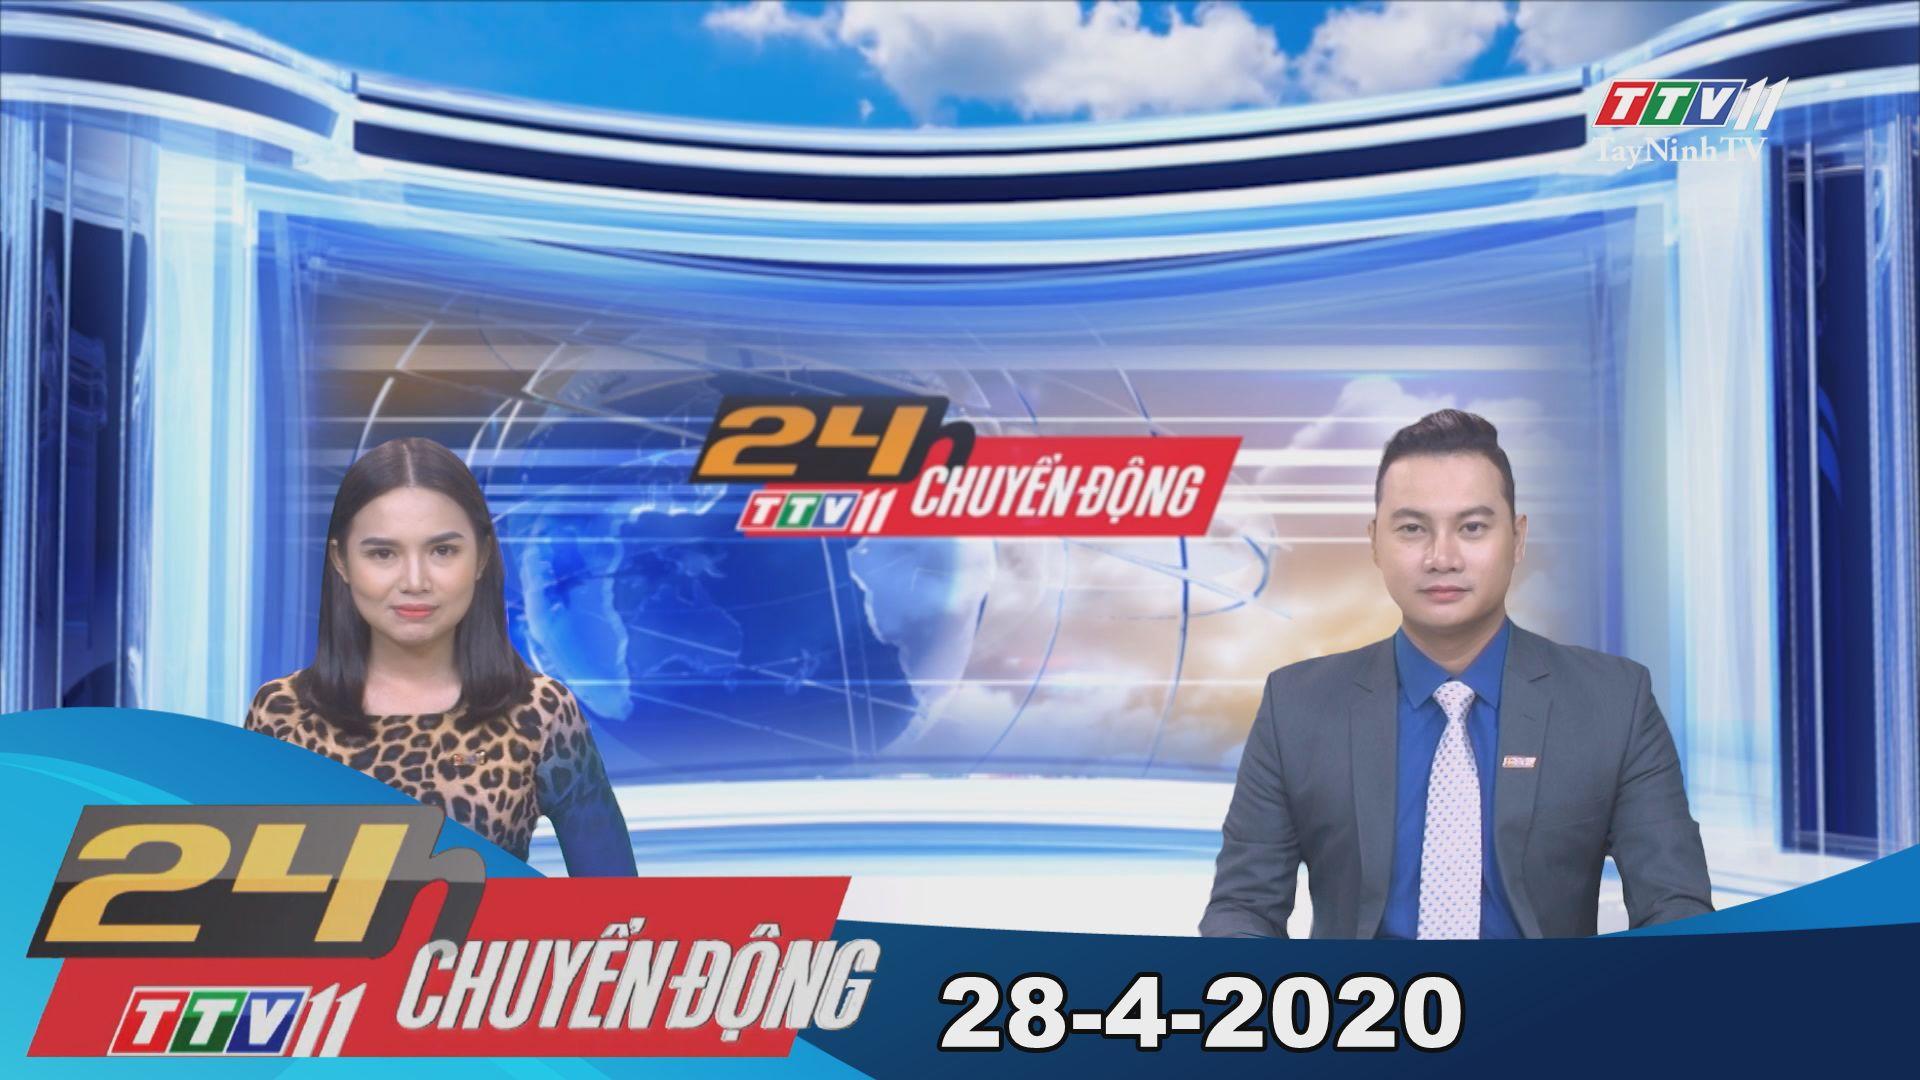 24h Chuyển động 28-4-2020 | Tin tức hôm nay | TayNinhTV